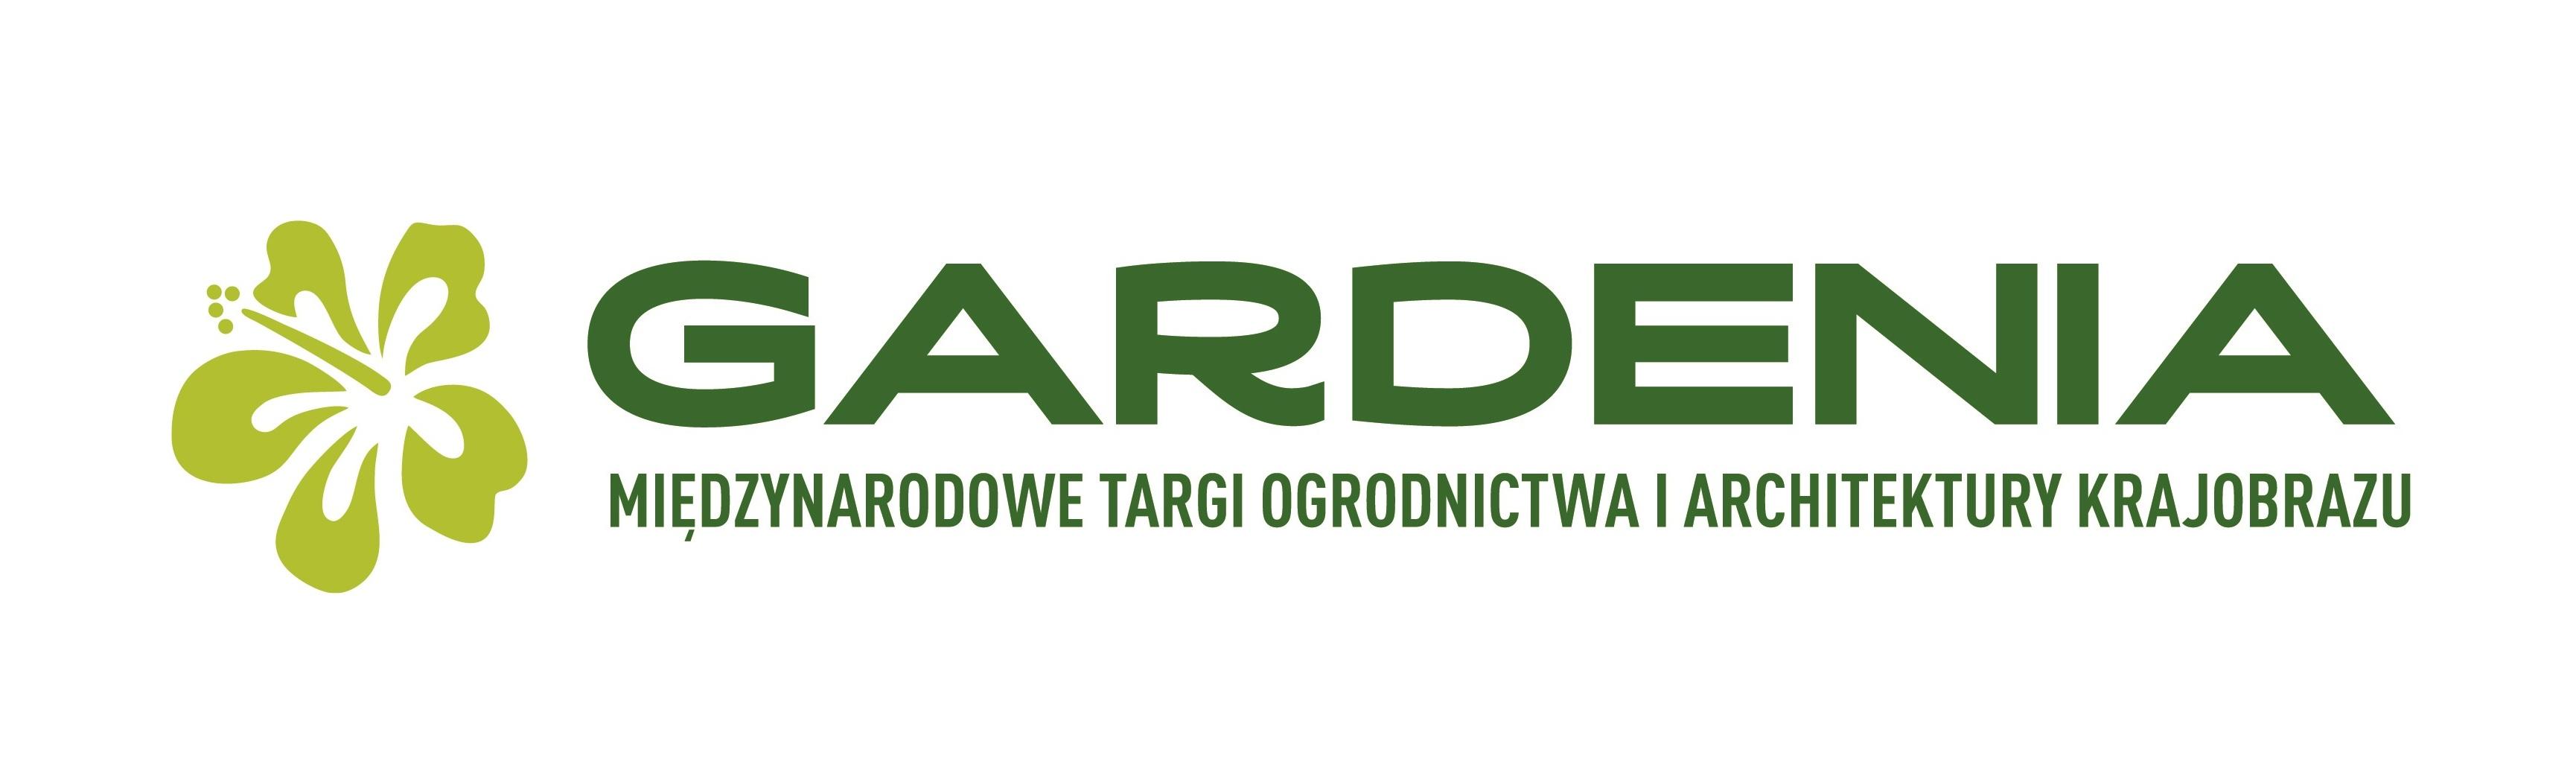 2017logo_gardenia_nowe